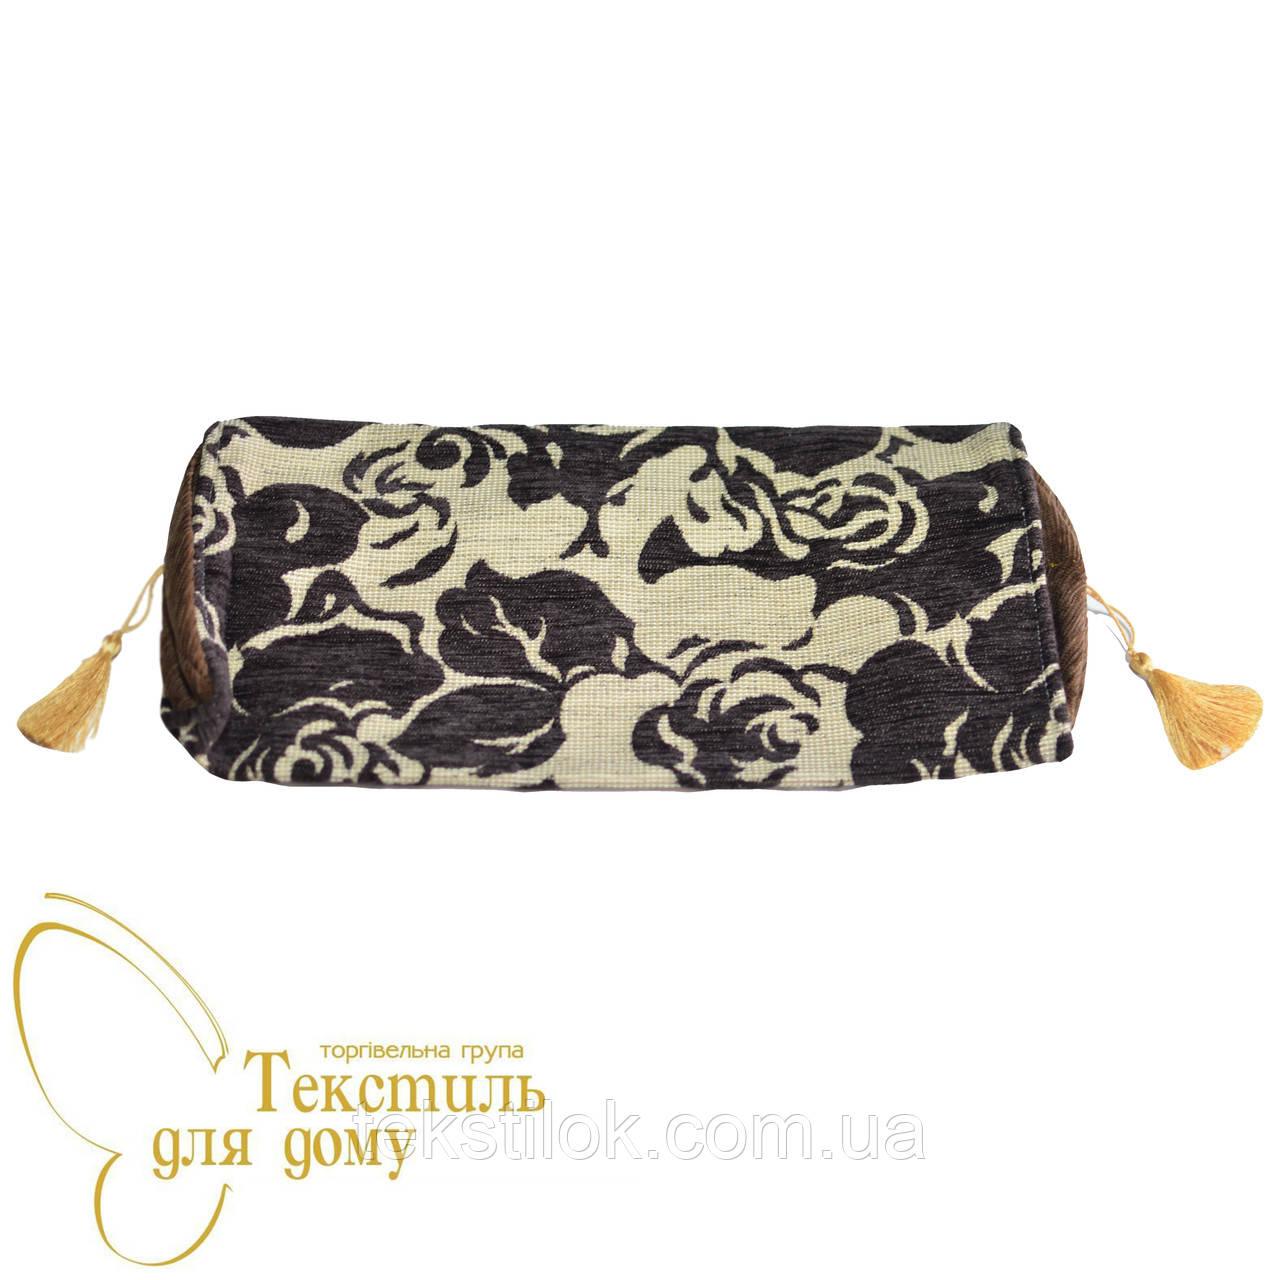 Наволочка декоративная валик рельефные цветы BURGAZ, коричневый